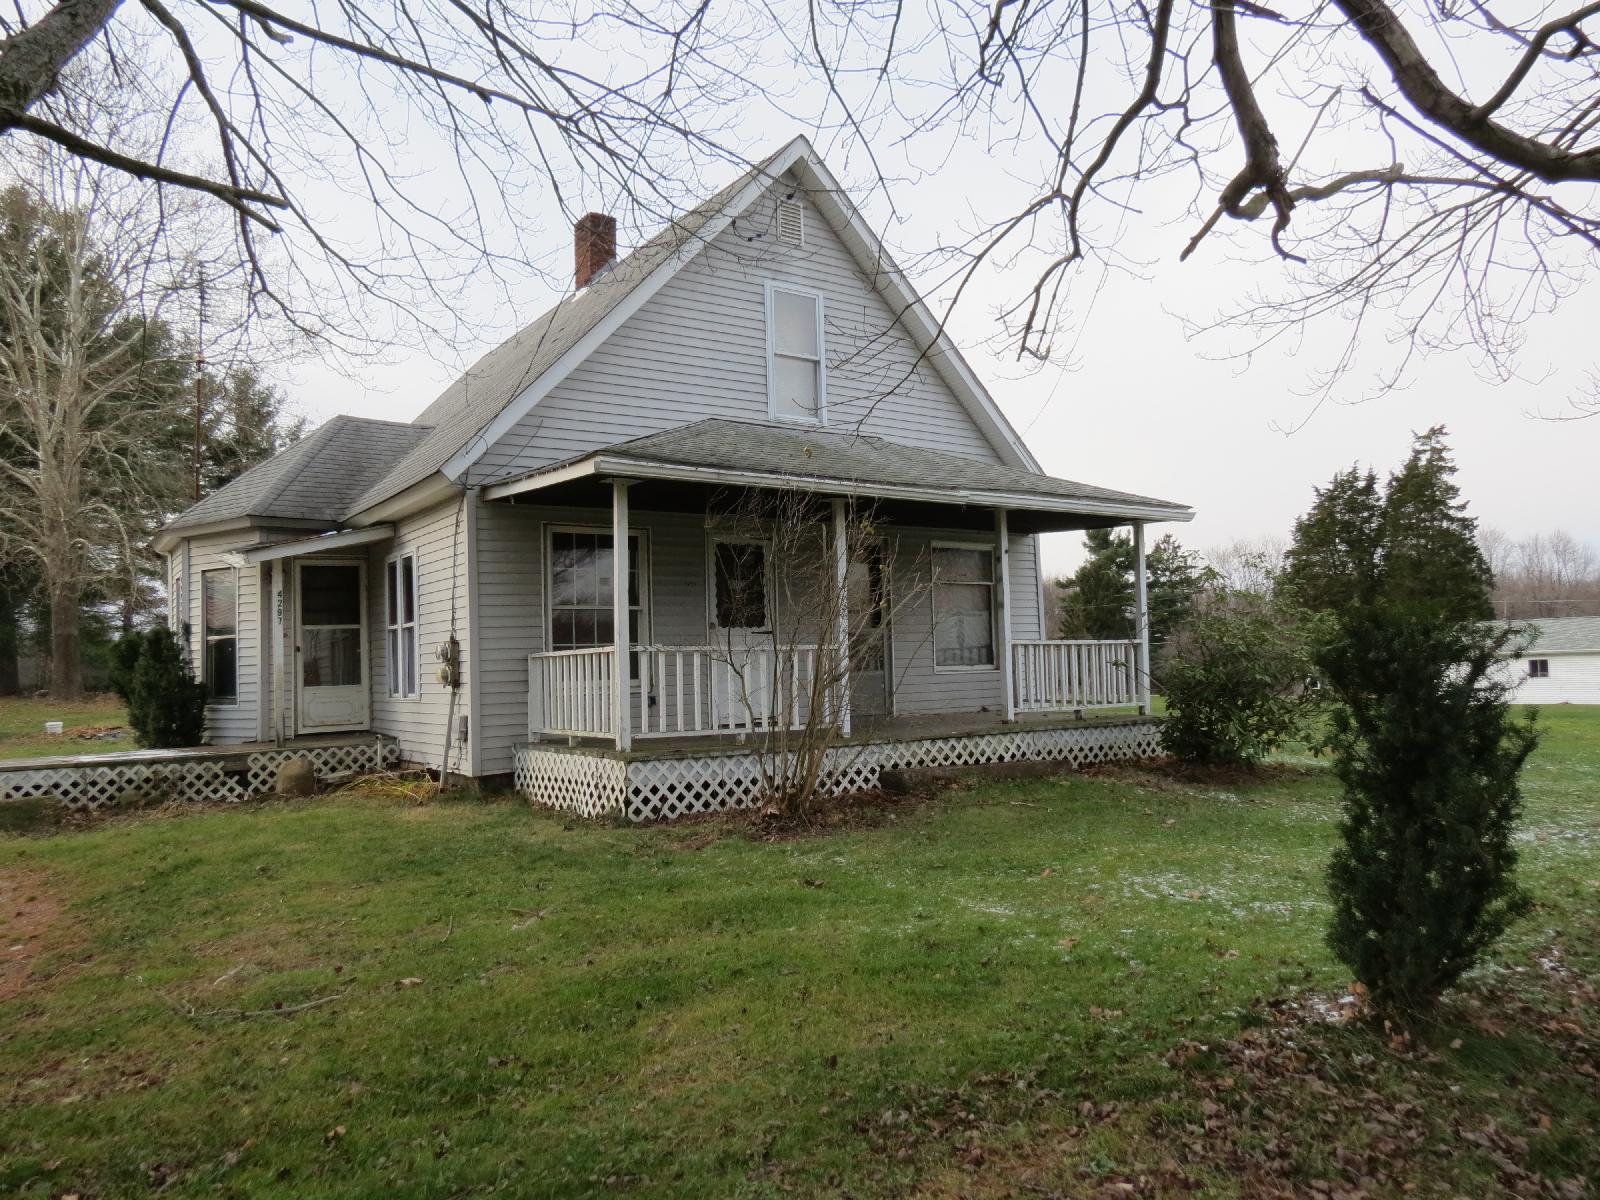 4297 Mercer Street, Sandy Lake, Pennsylvania 16145